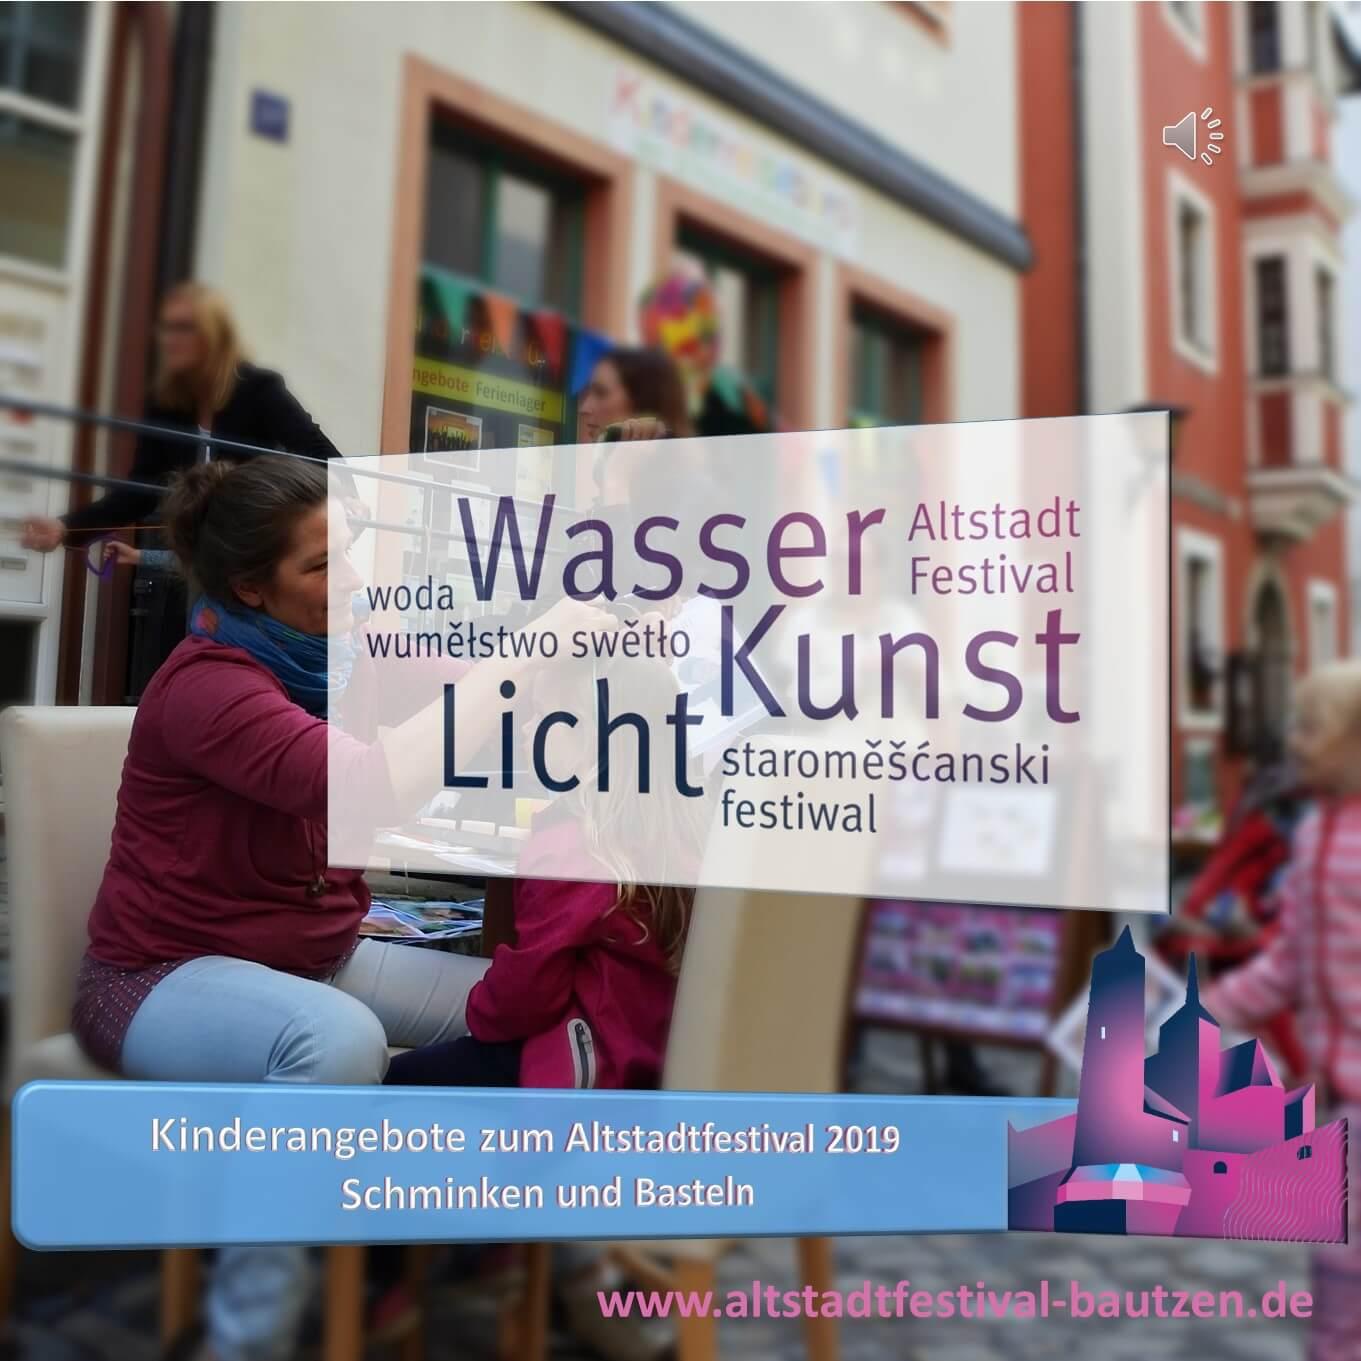 Beitragsbild Kinderreisebüro Kinderschminken zum Altstadtfestival 2019